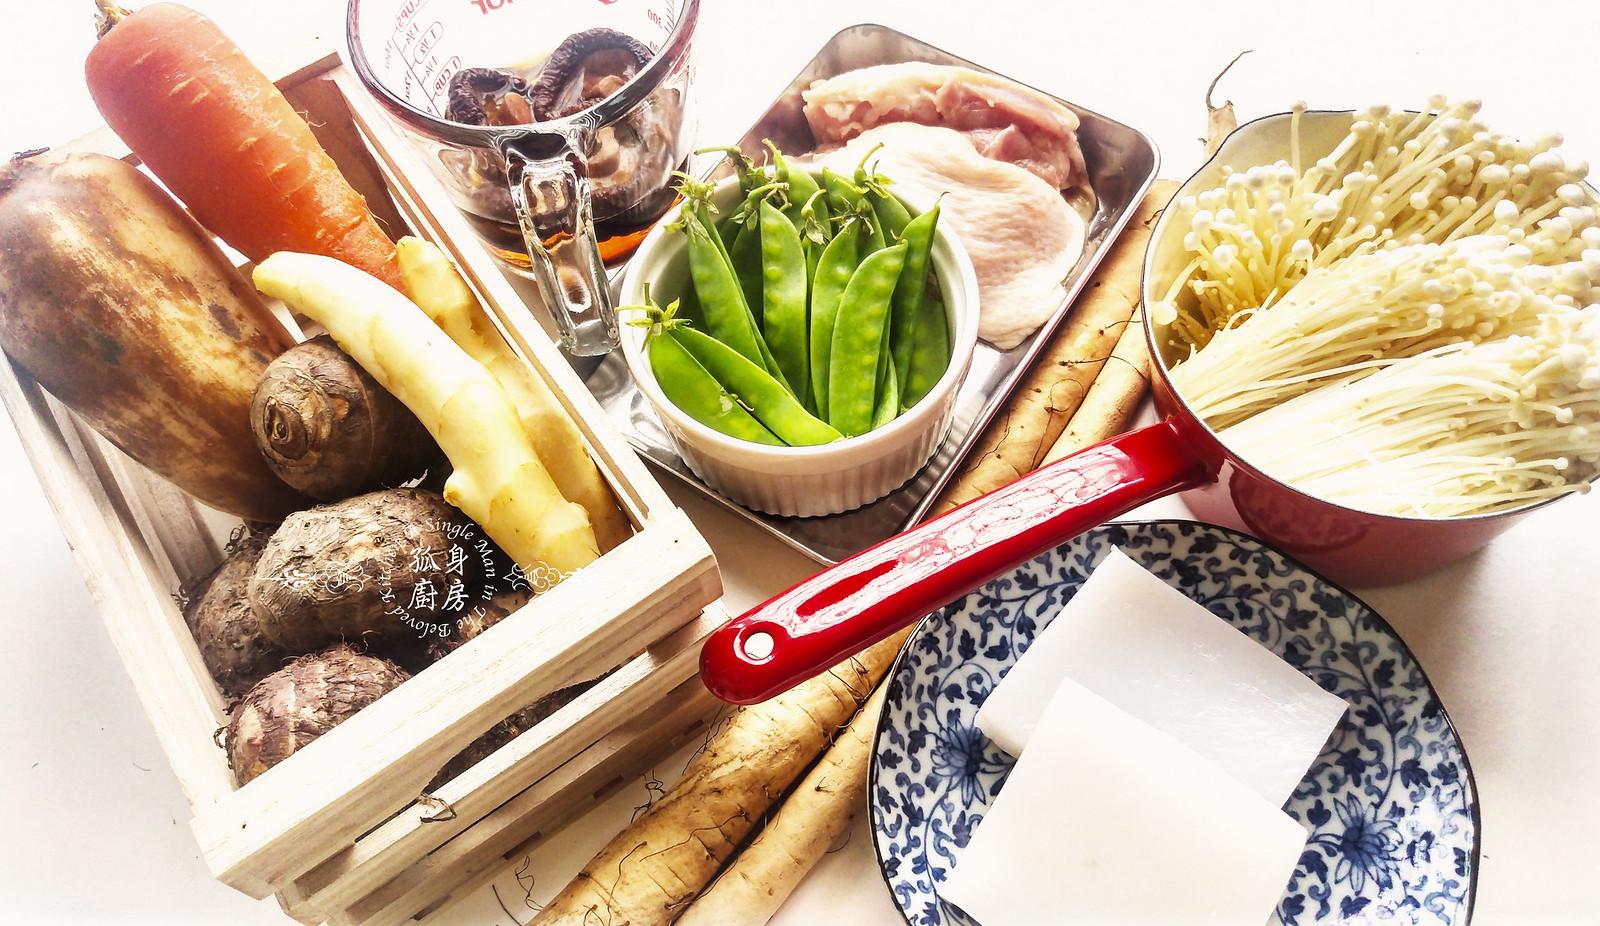 孤身廚房-食譜書《常備菜》試作——筑前煮、醬煮金針菇。甜滋滋溫暖和風味2